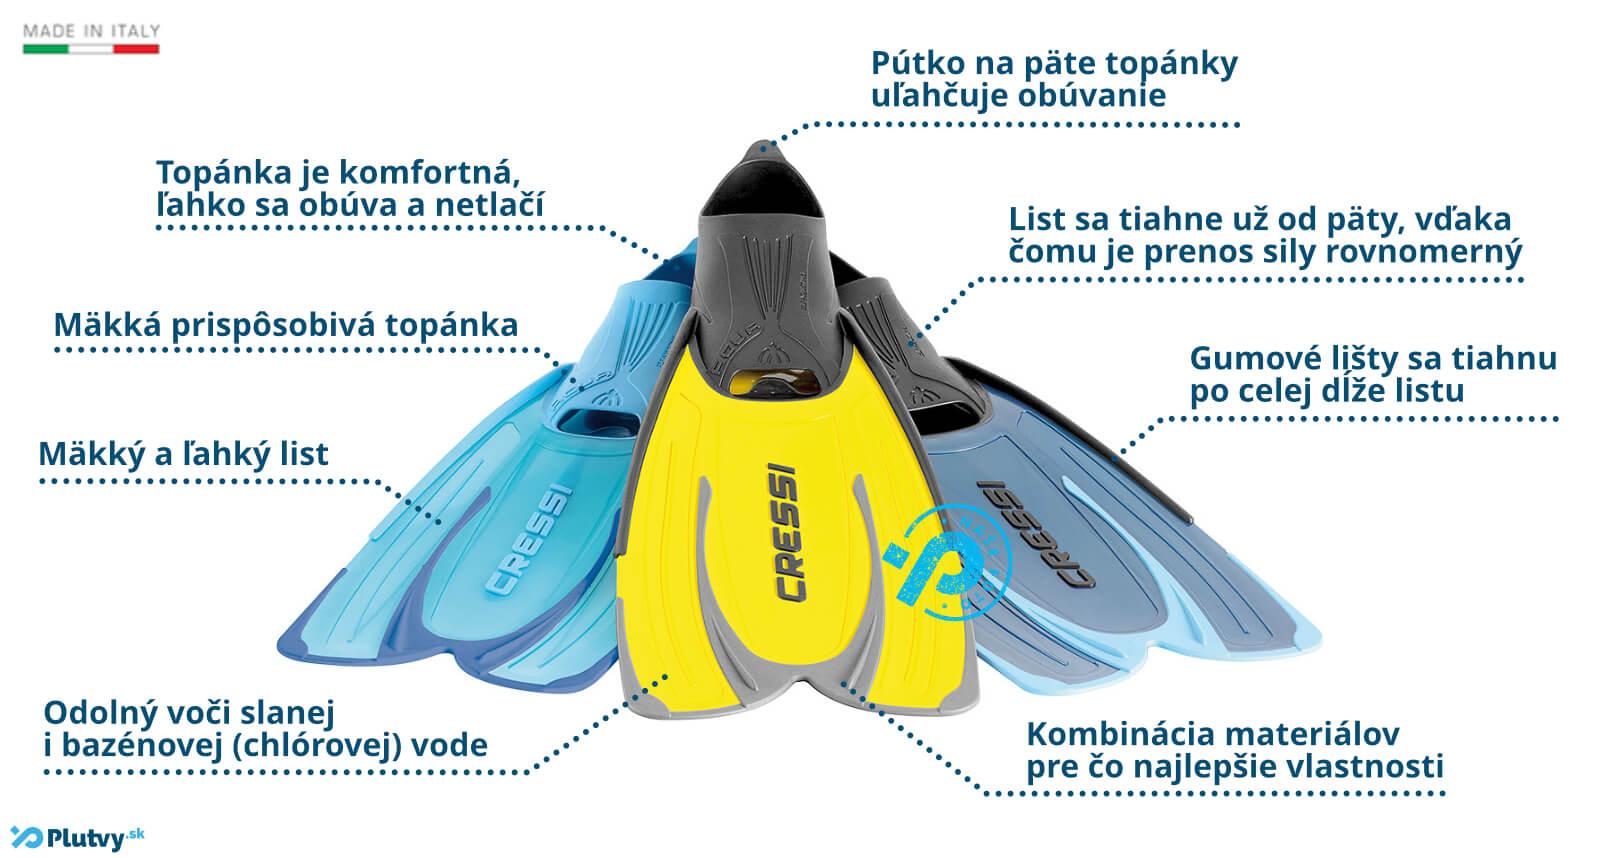 plutvy na šnorchlovanie Cressi Agua, v e-shope Plutvy.sk